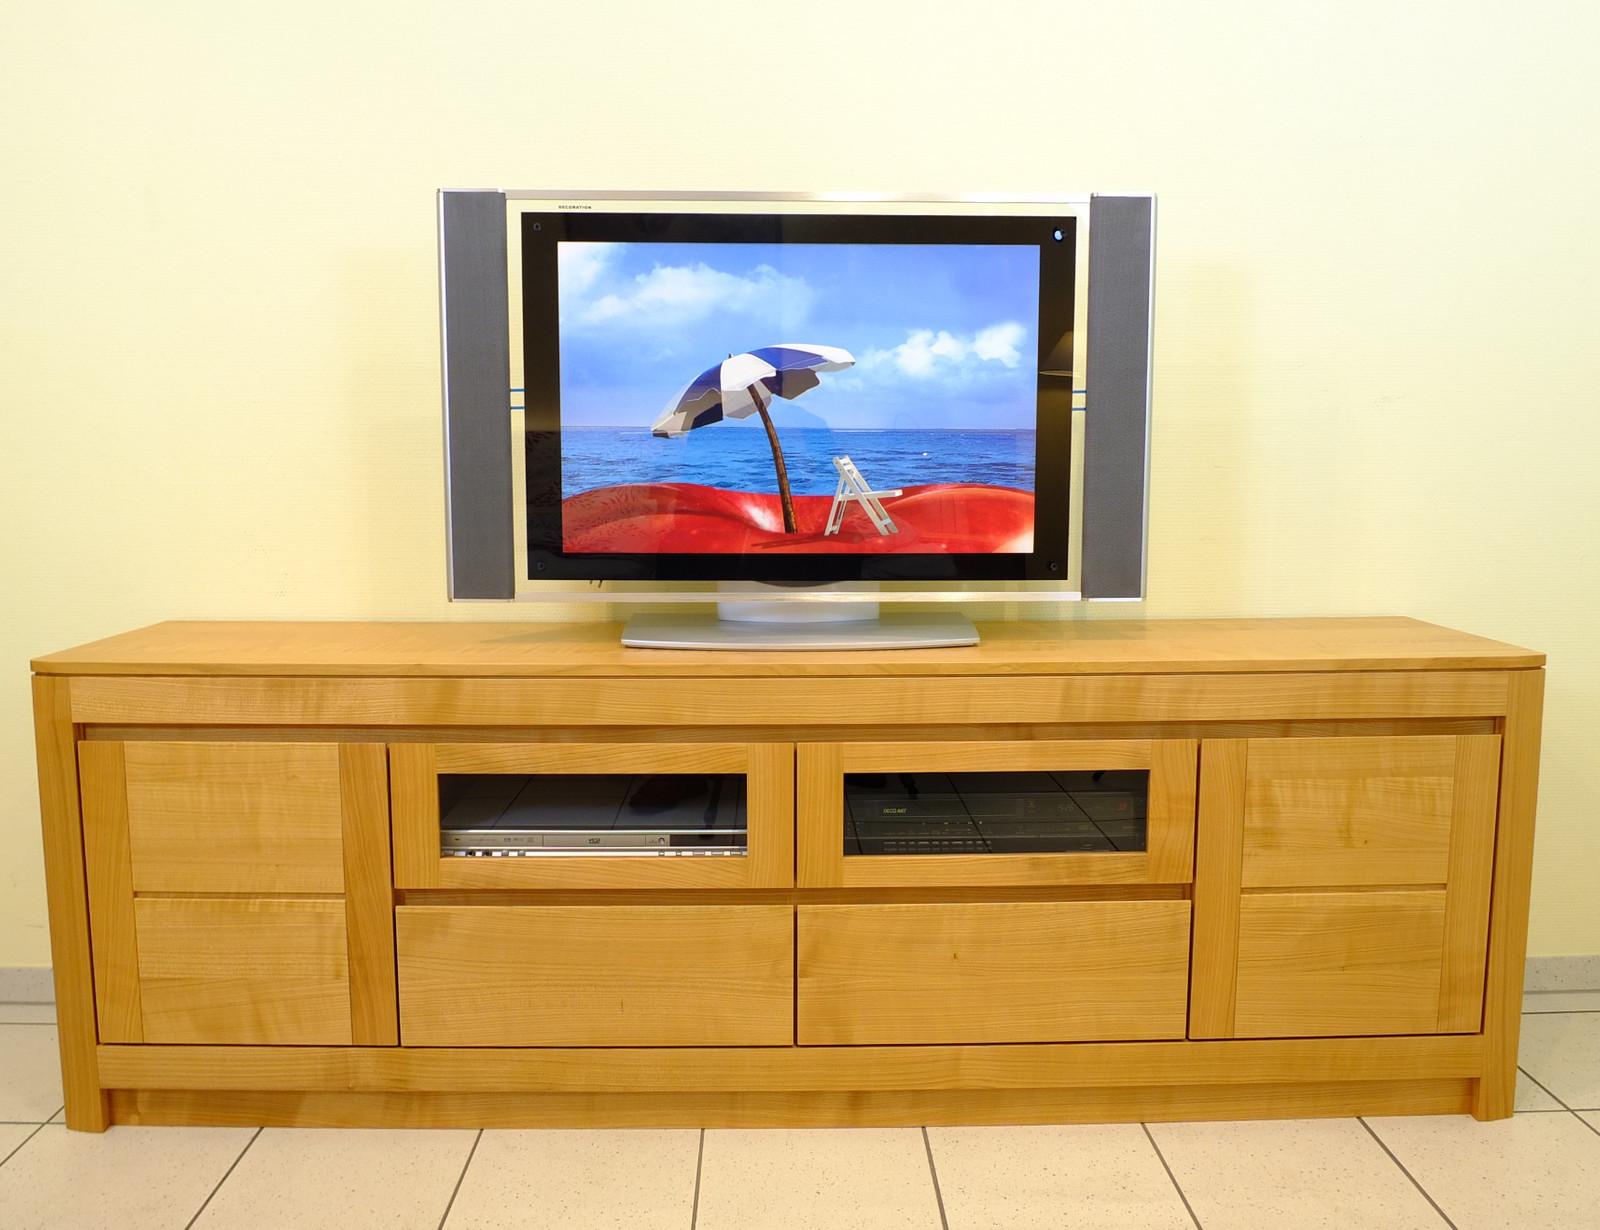 Haltern TV-Lowboard - Kirschbaum vollmassiv - Breite 200 cm - Höhe 65 cm - modern grifflos - auch in Eiche oder Buche möglich